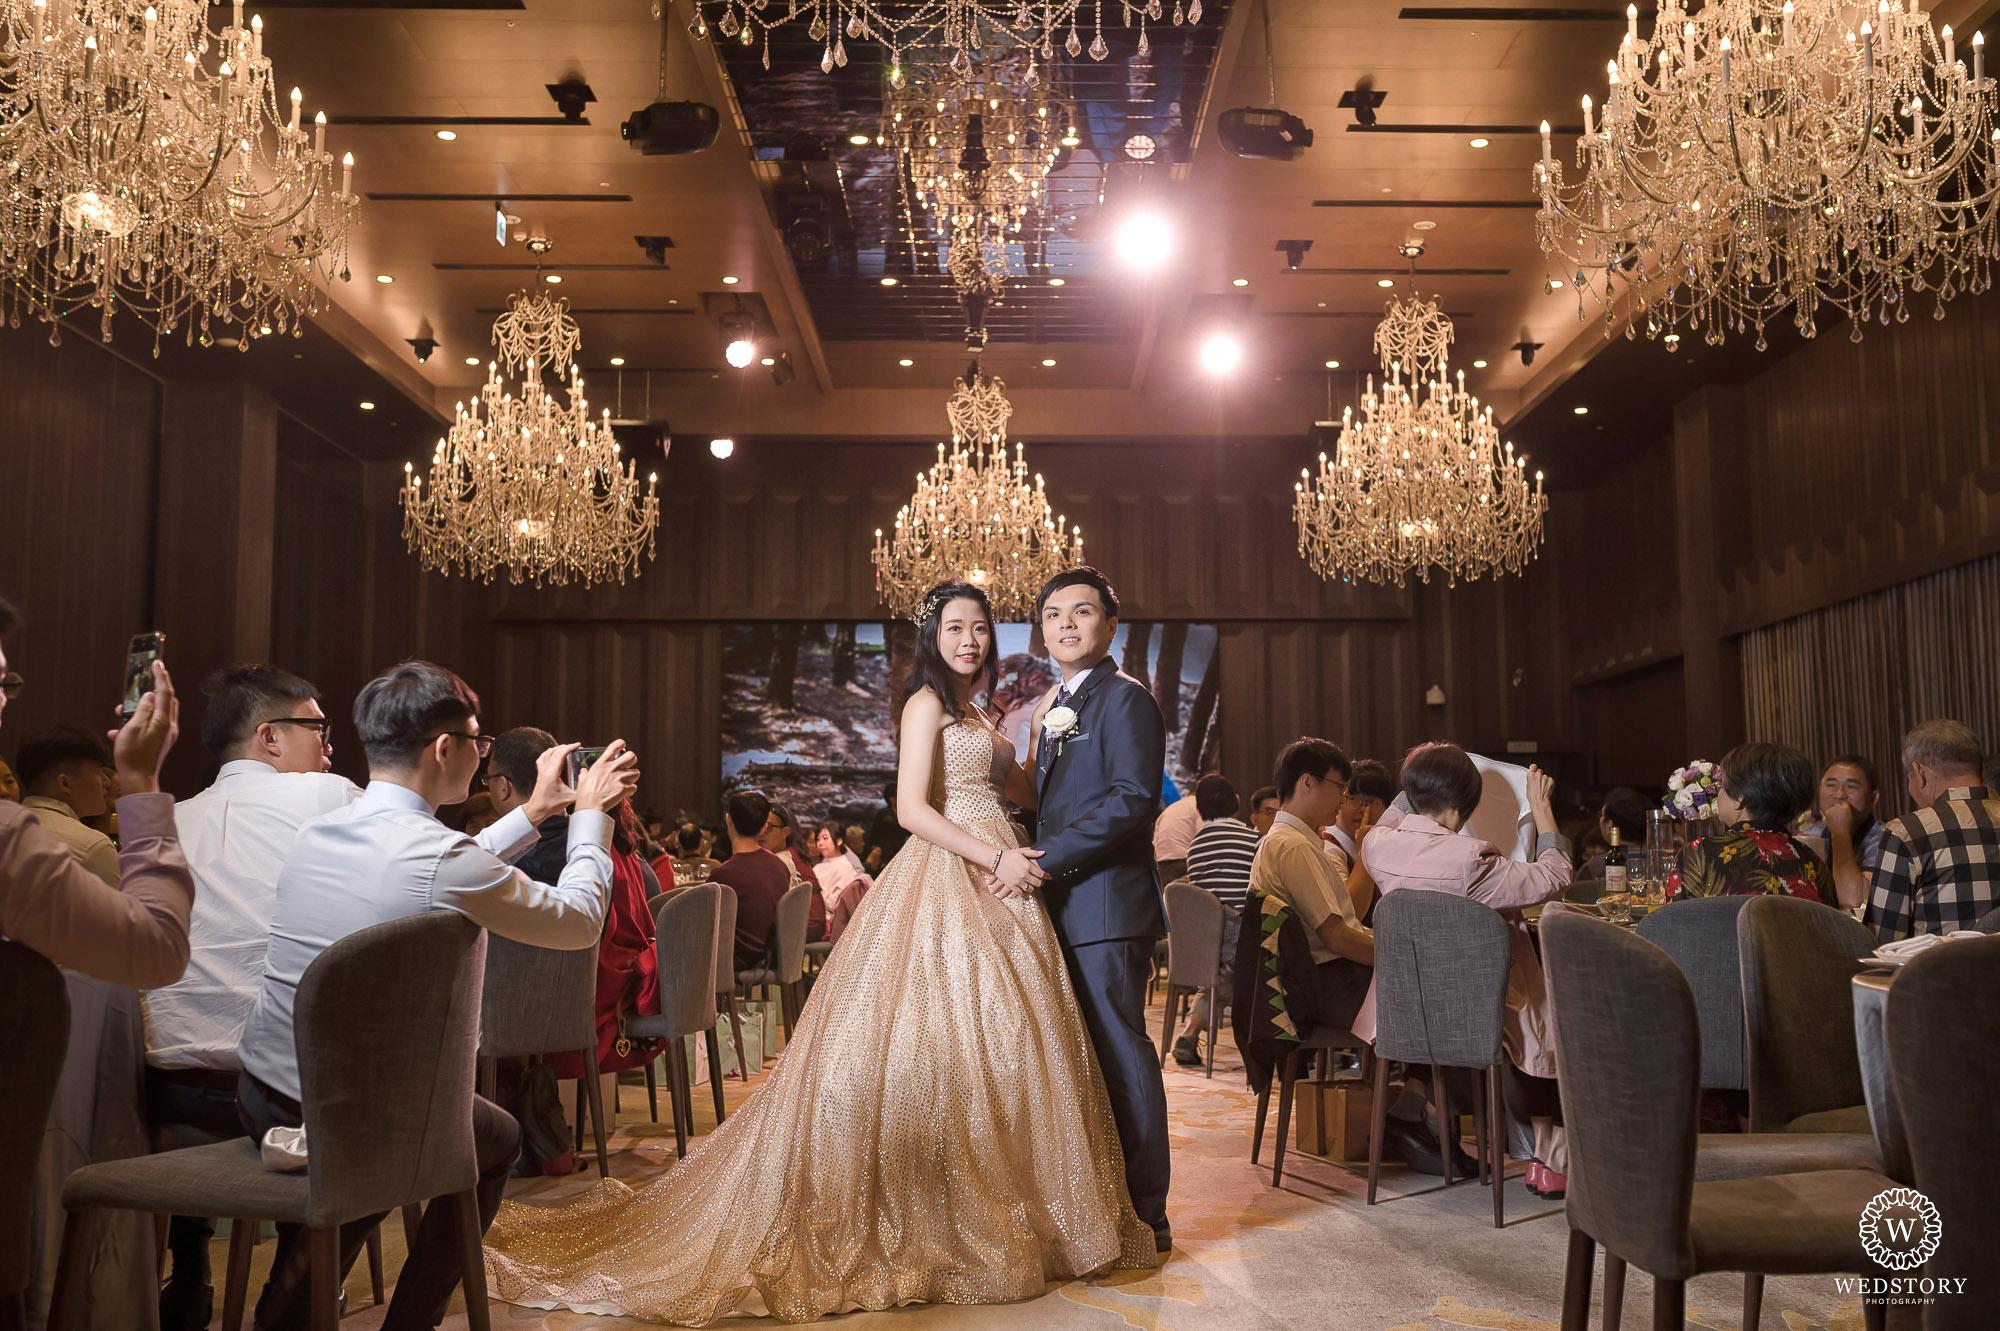 台中萊特薇庭婚攝103,頤和宮,台中婚攝推薦,婚禮攝影,婚禮紀錄